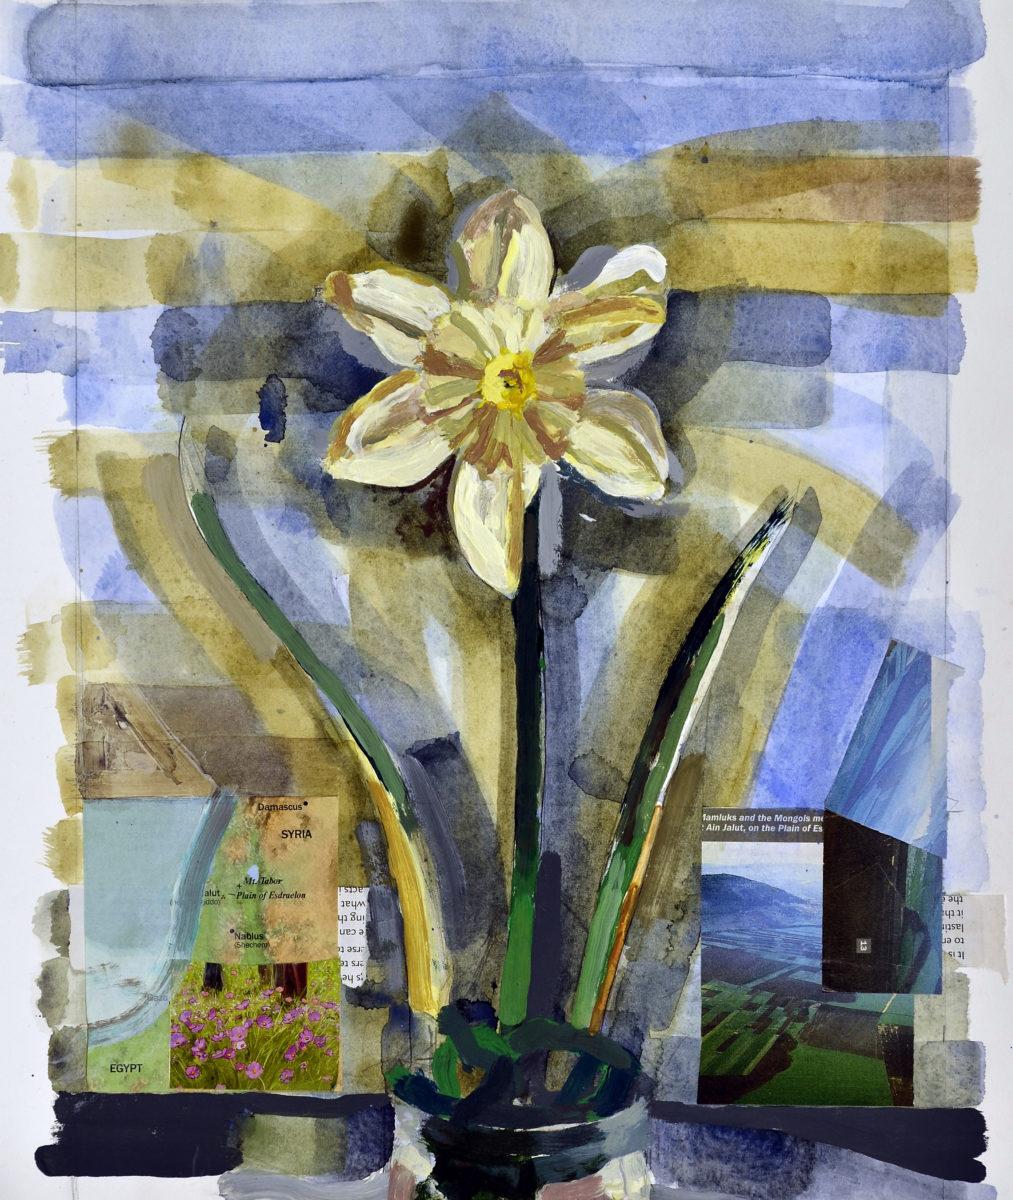 19031 || 3612 || Daffodil